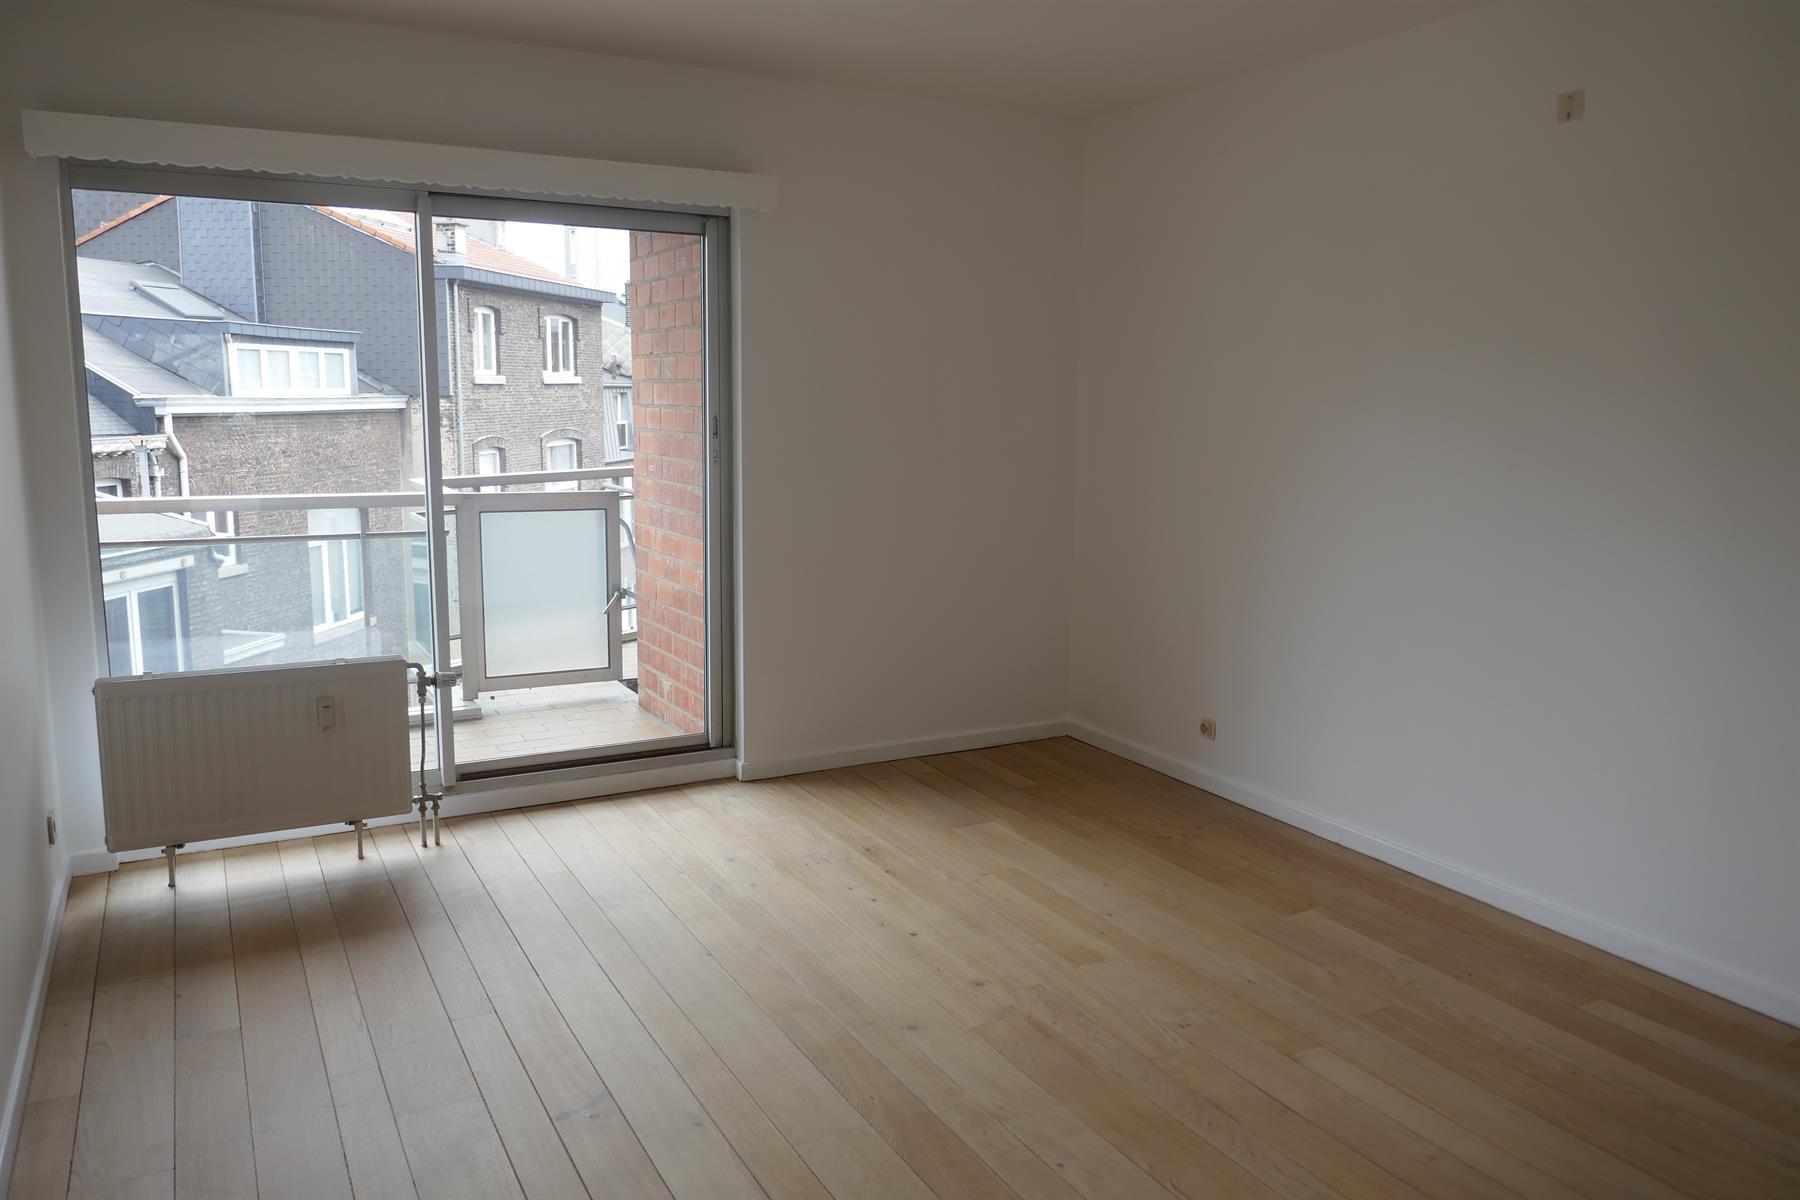 Appartement - Liege - #4329199-6